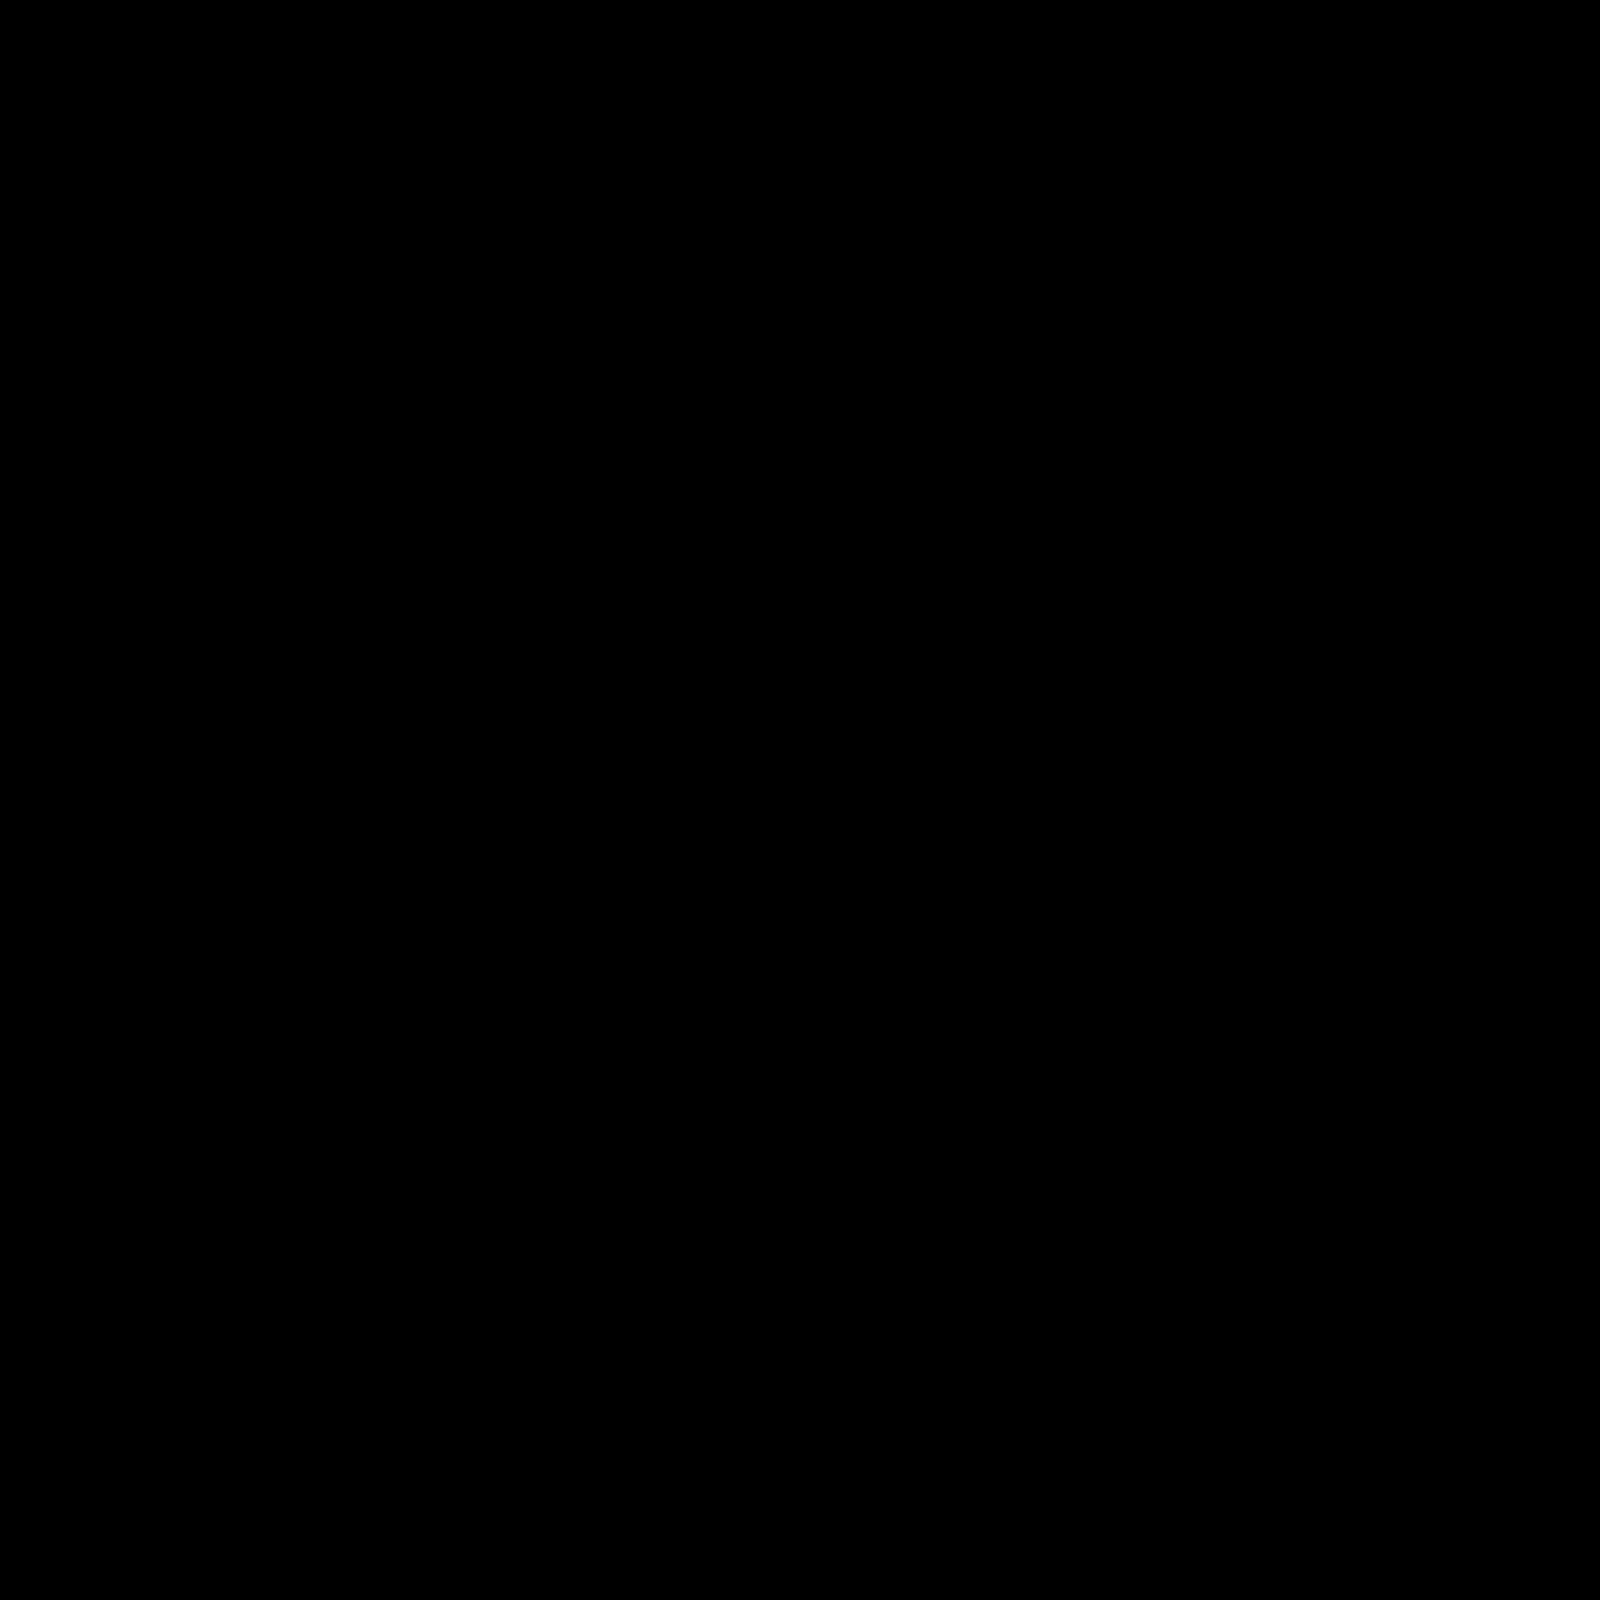 Wyrównywanie zawartości komórek w lewo icon